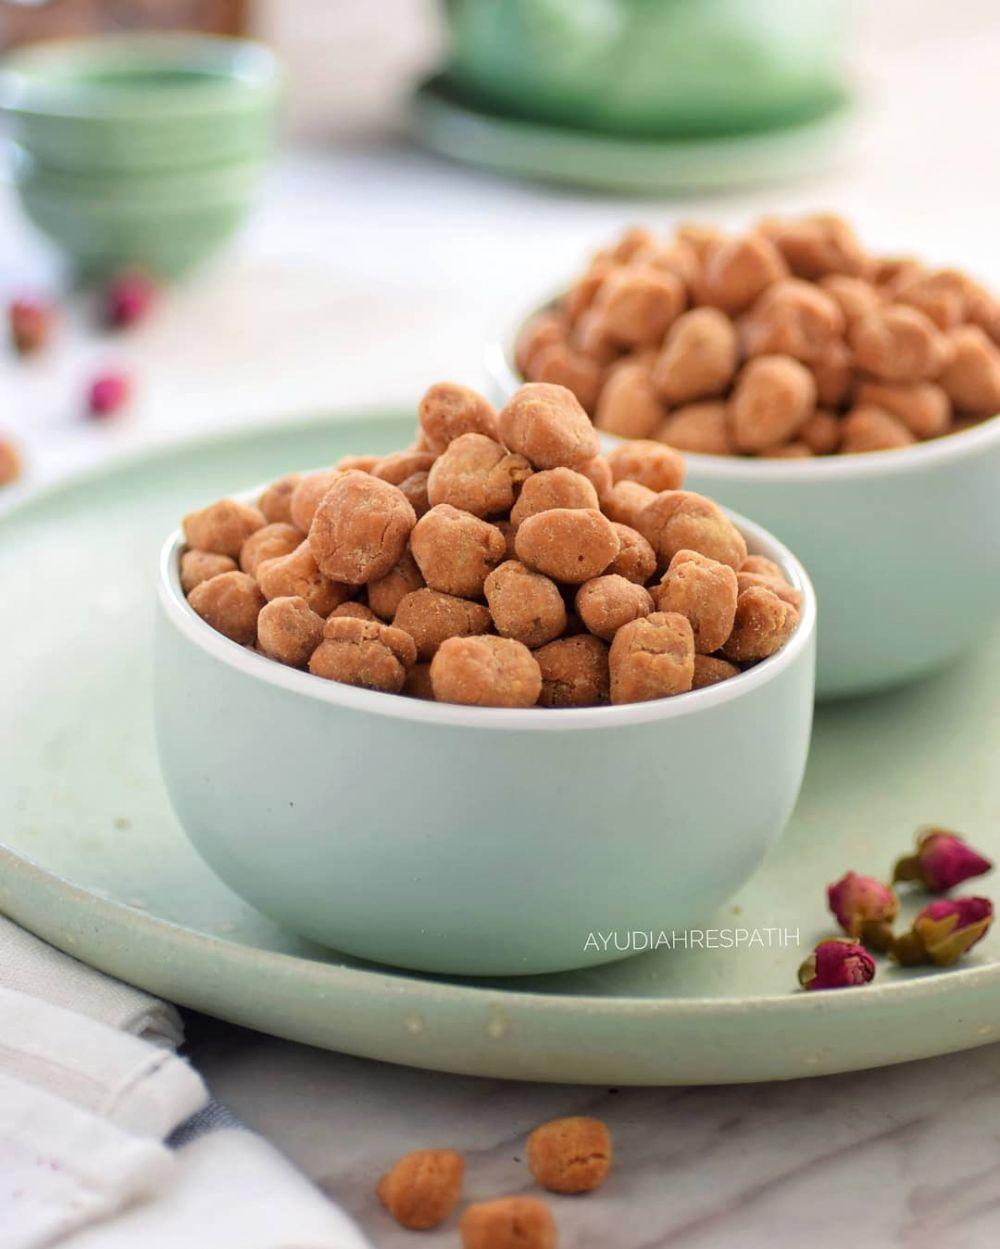 Resep Camilan Lebaran Berbagai Sumber Di 2020 Resep Masakan Natal Camilan Resep Makanan Penutup